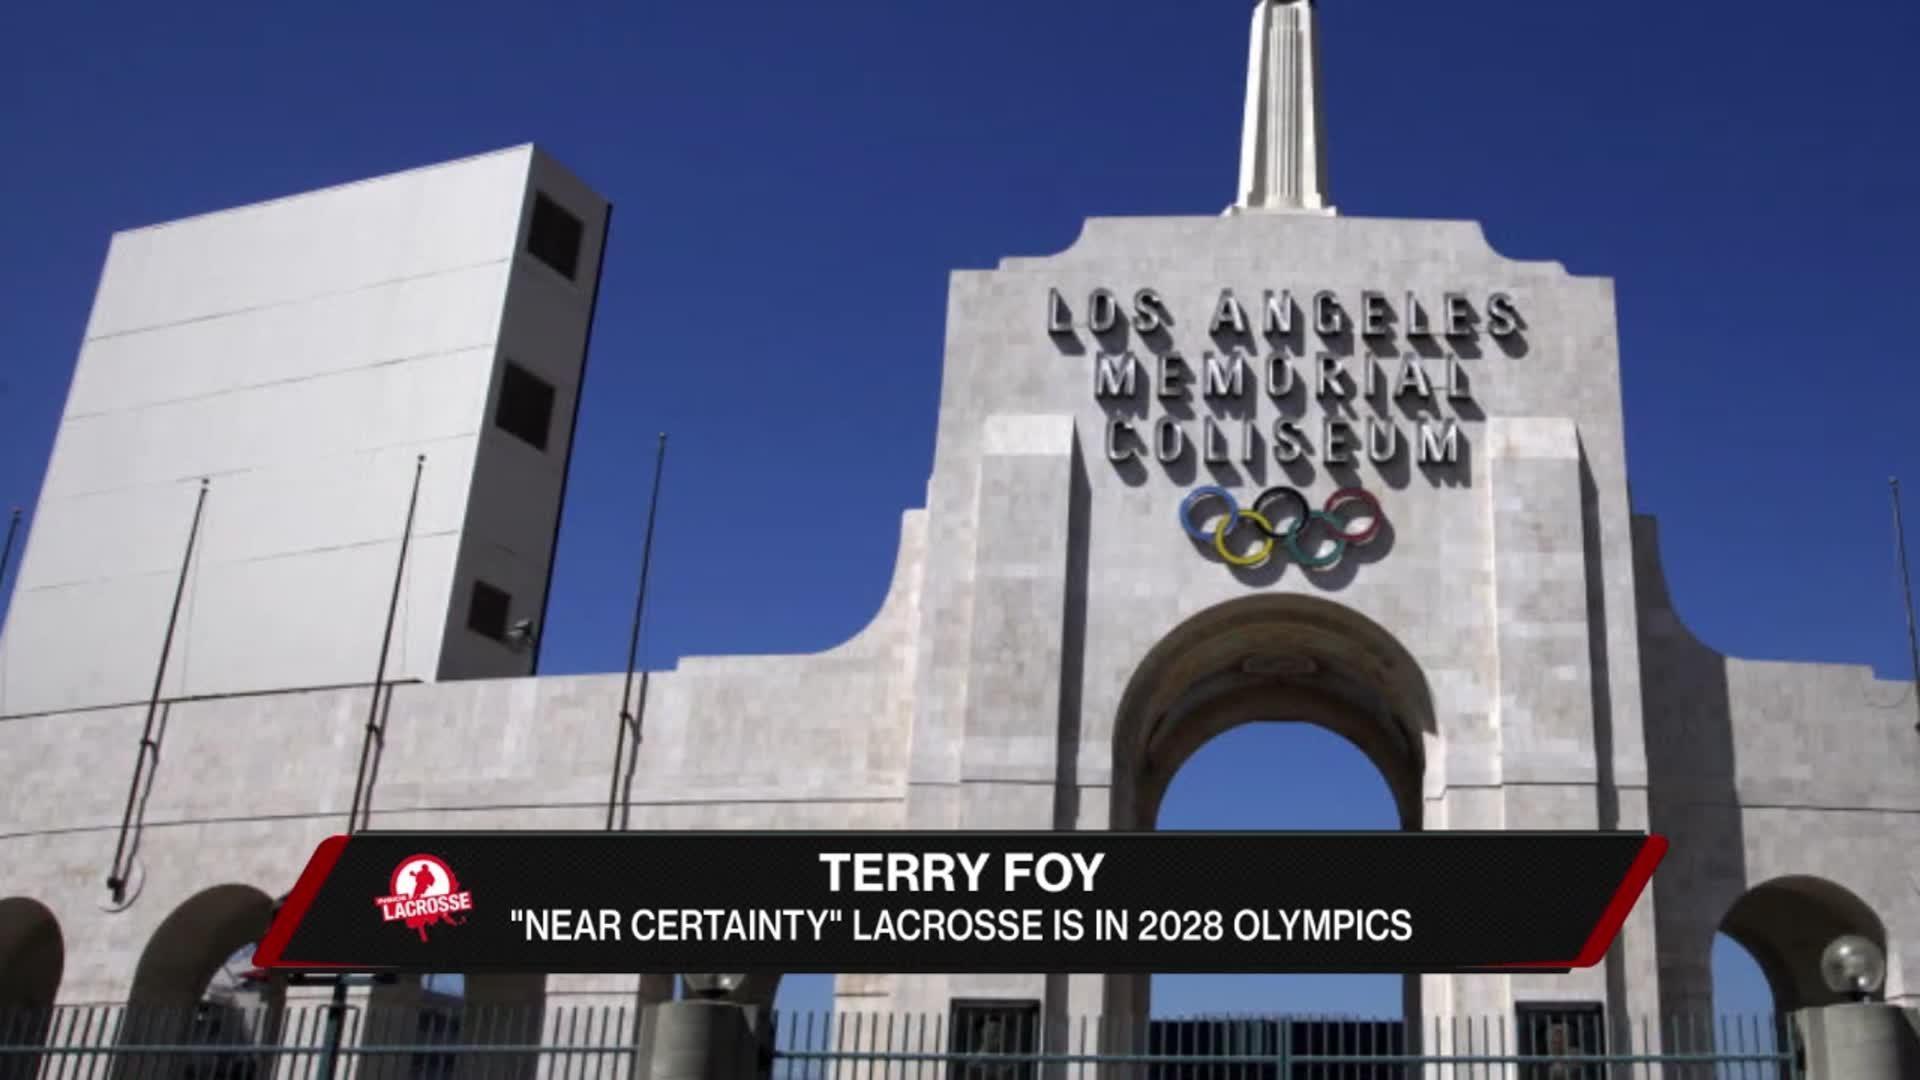 Lacrosse in 2028 Olympics?